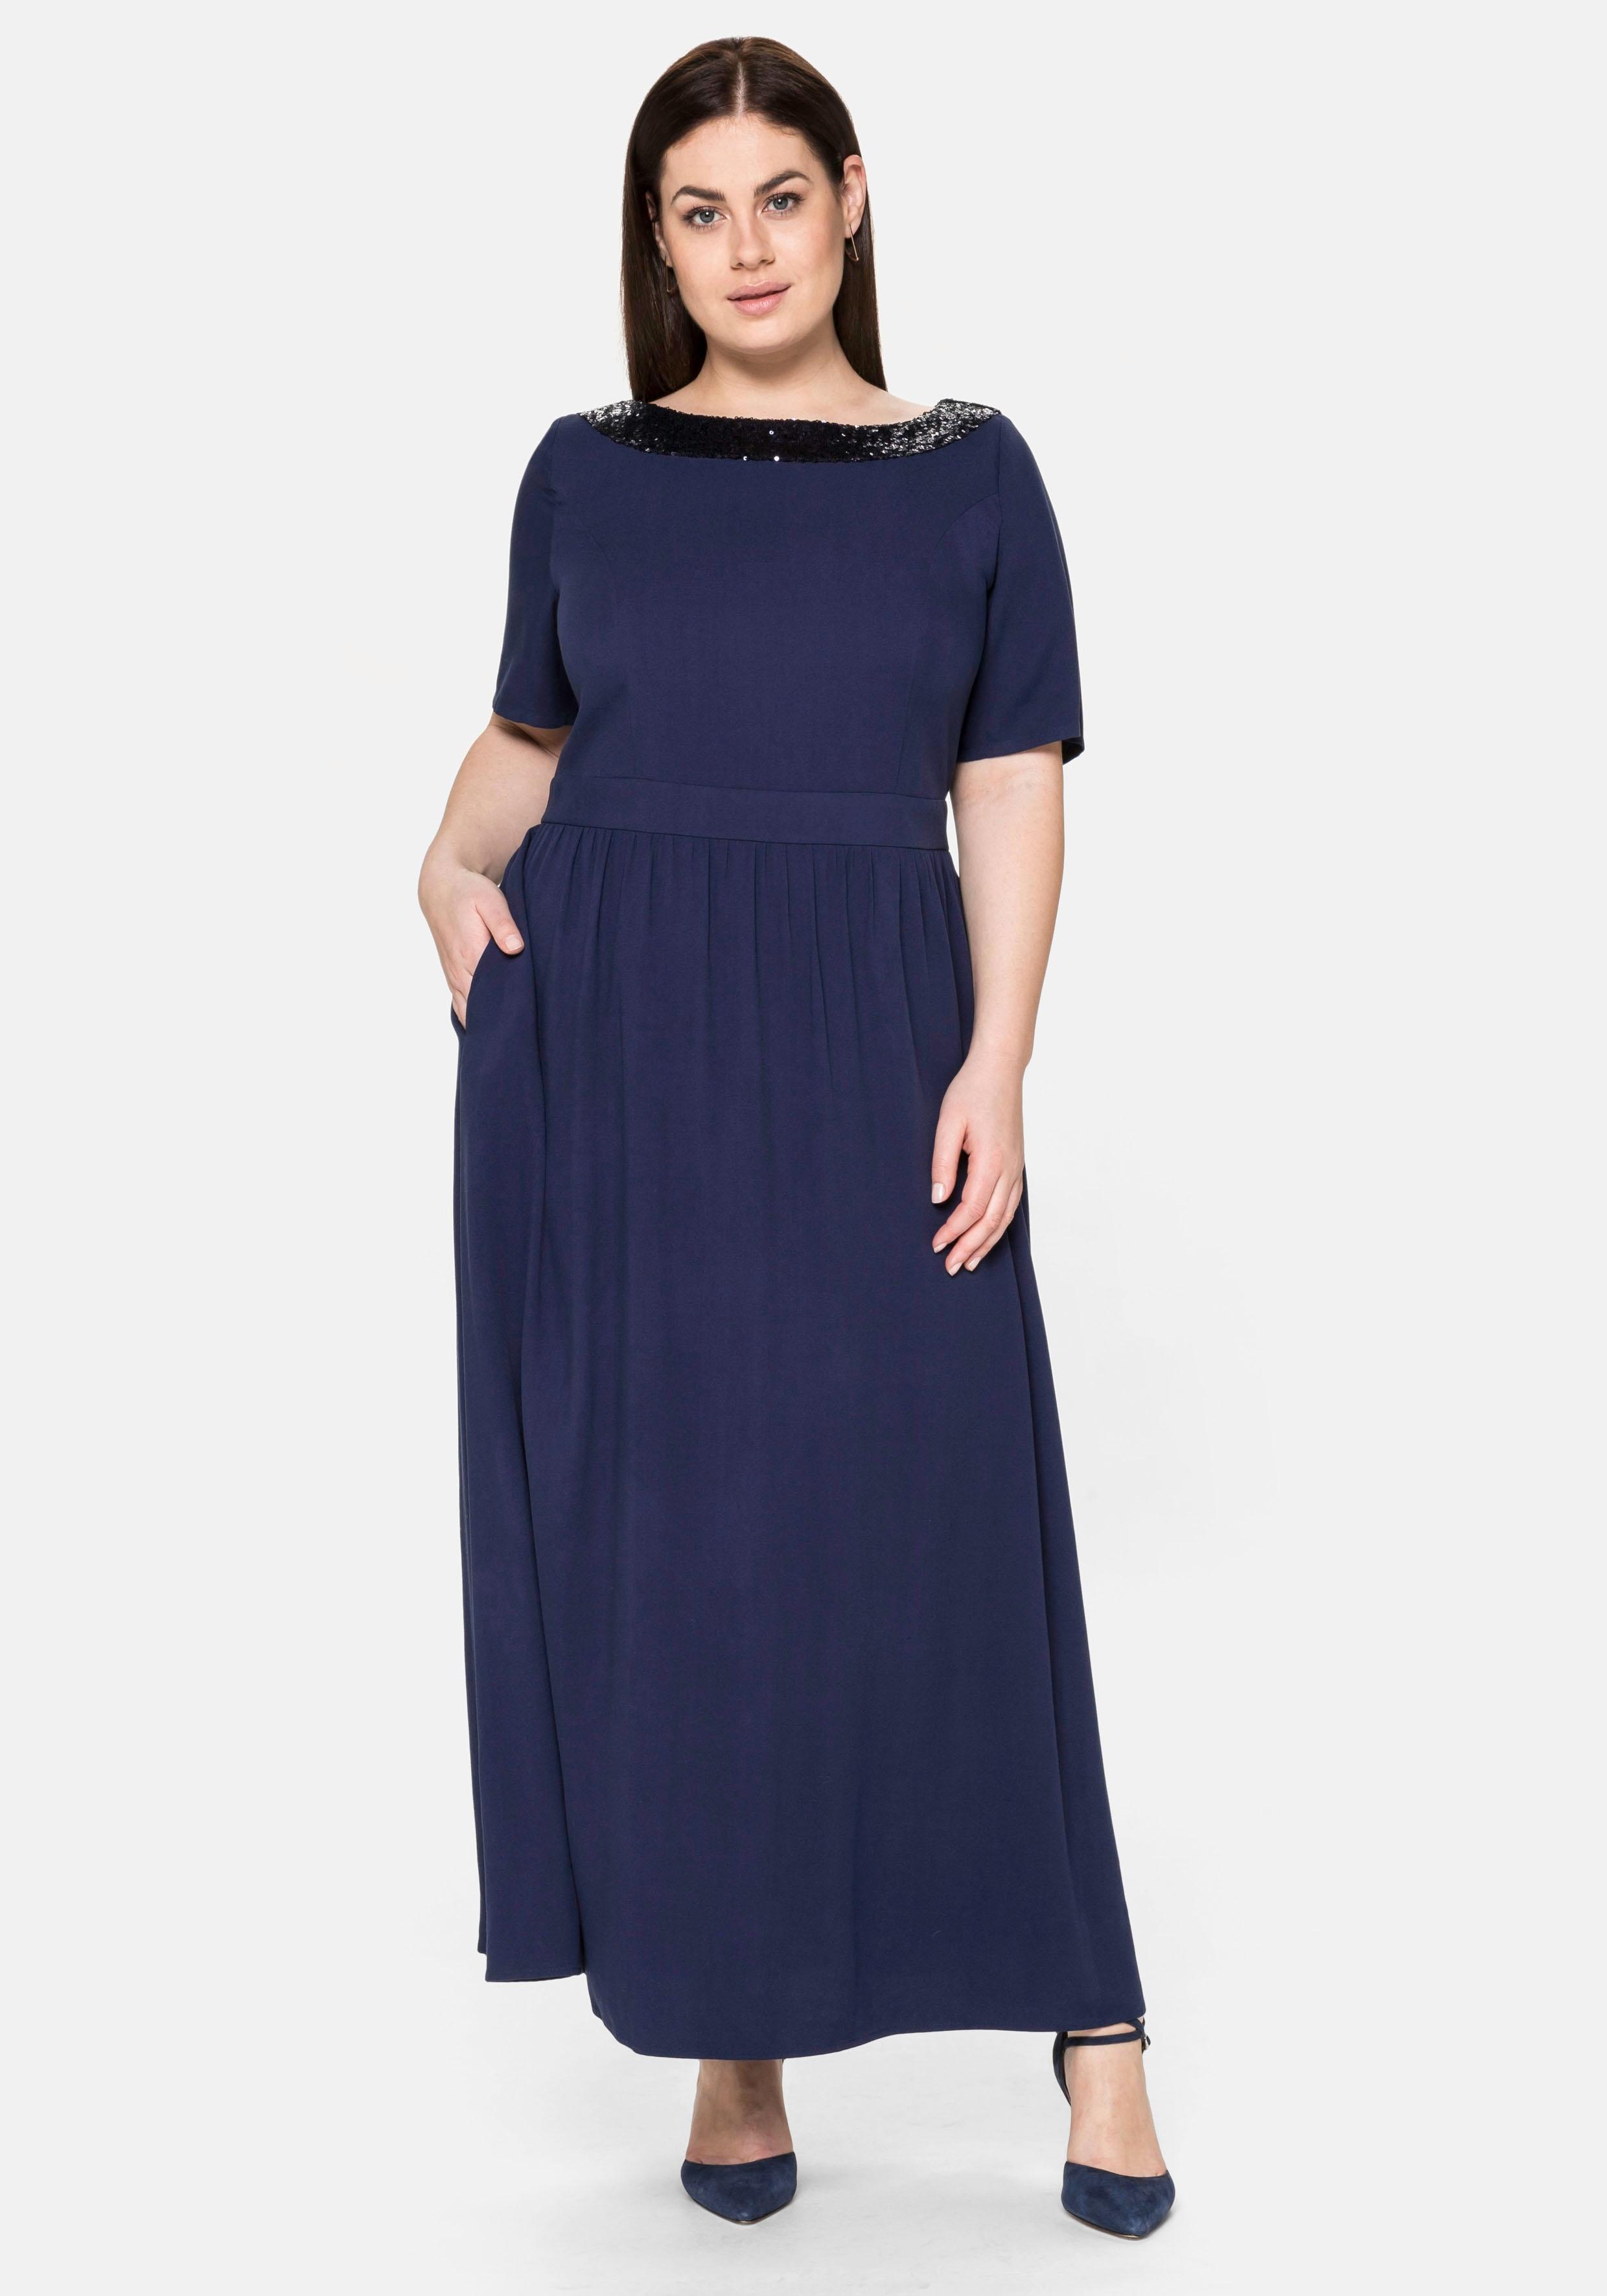 Sheego Abendkleid, mit Pailletten am Ausschnitt blau Damen Abendkleider Kleider Abendkleid